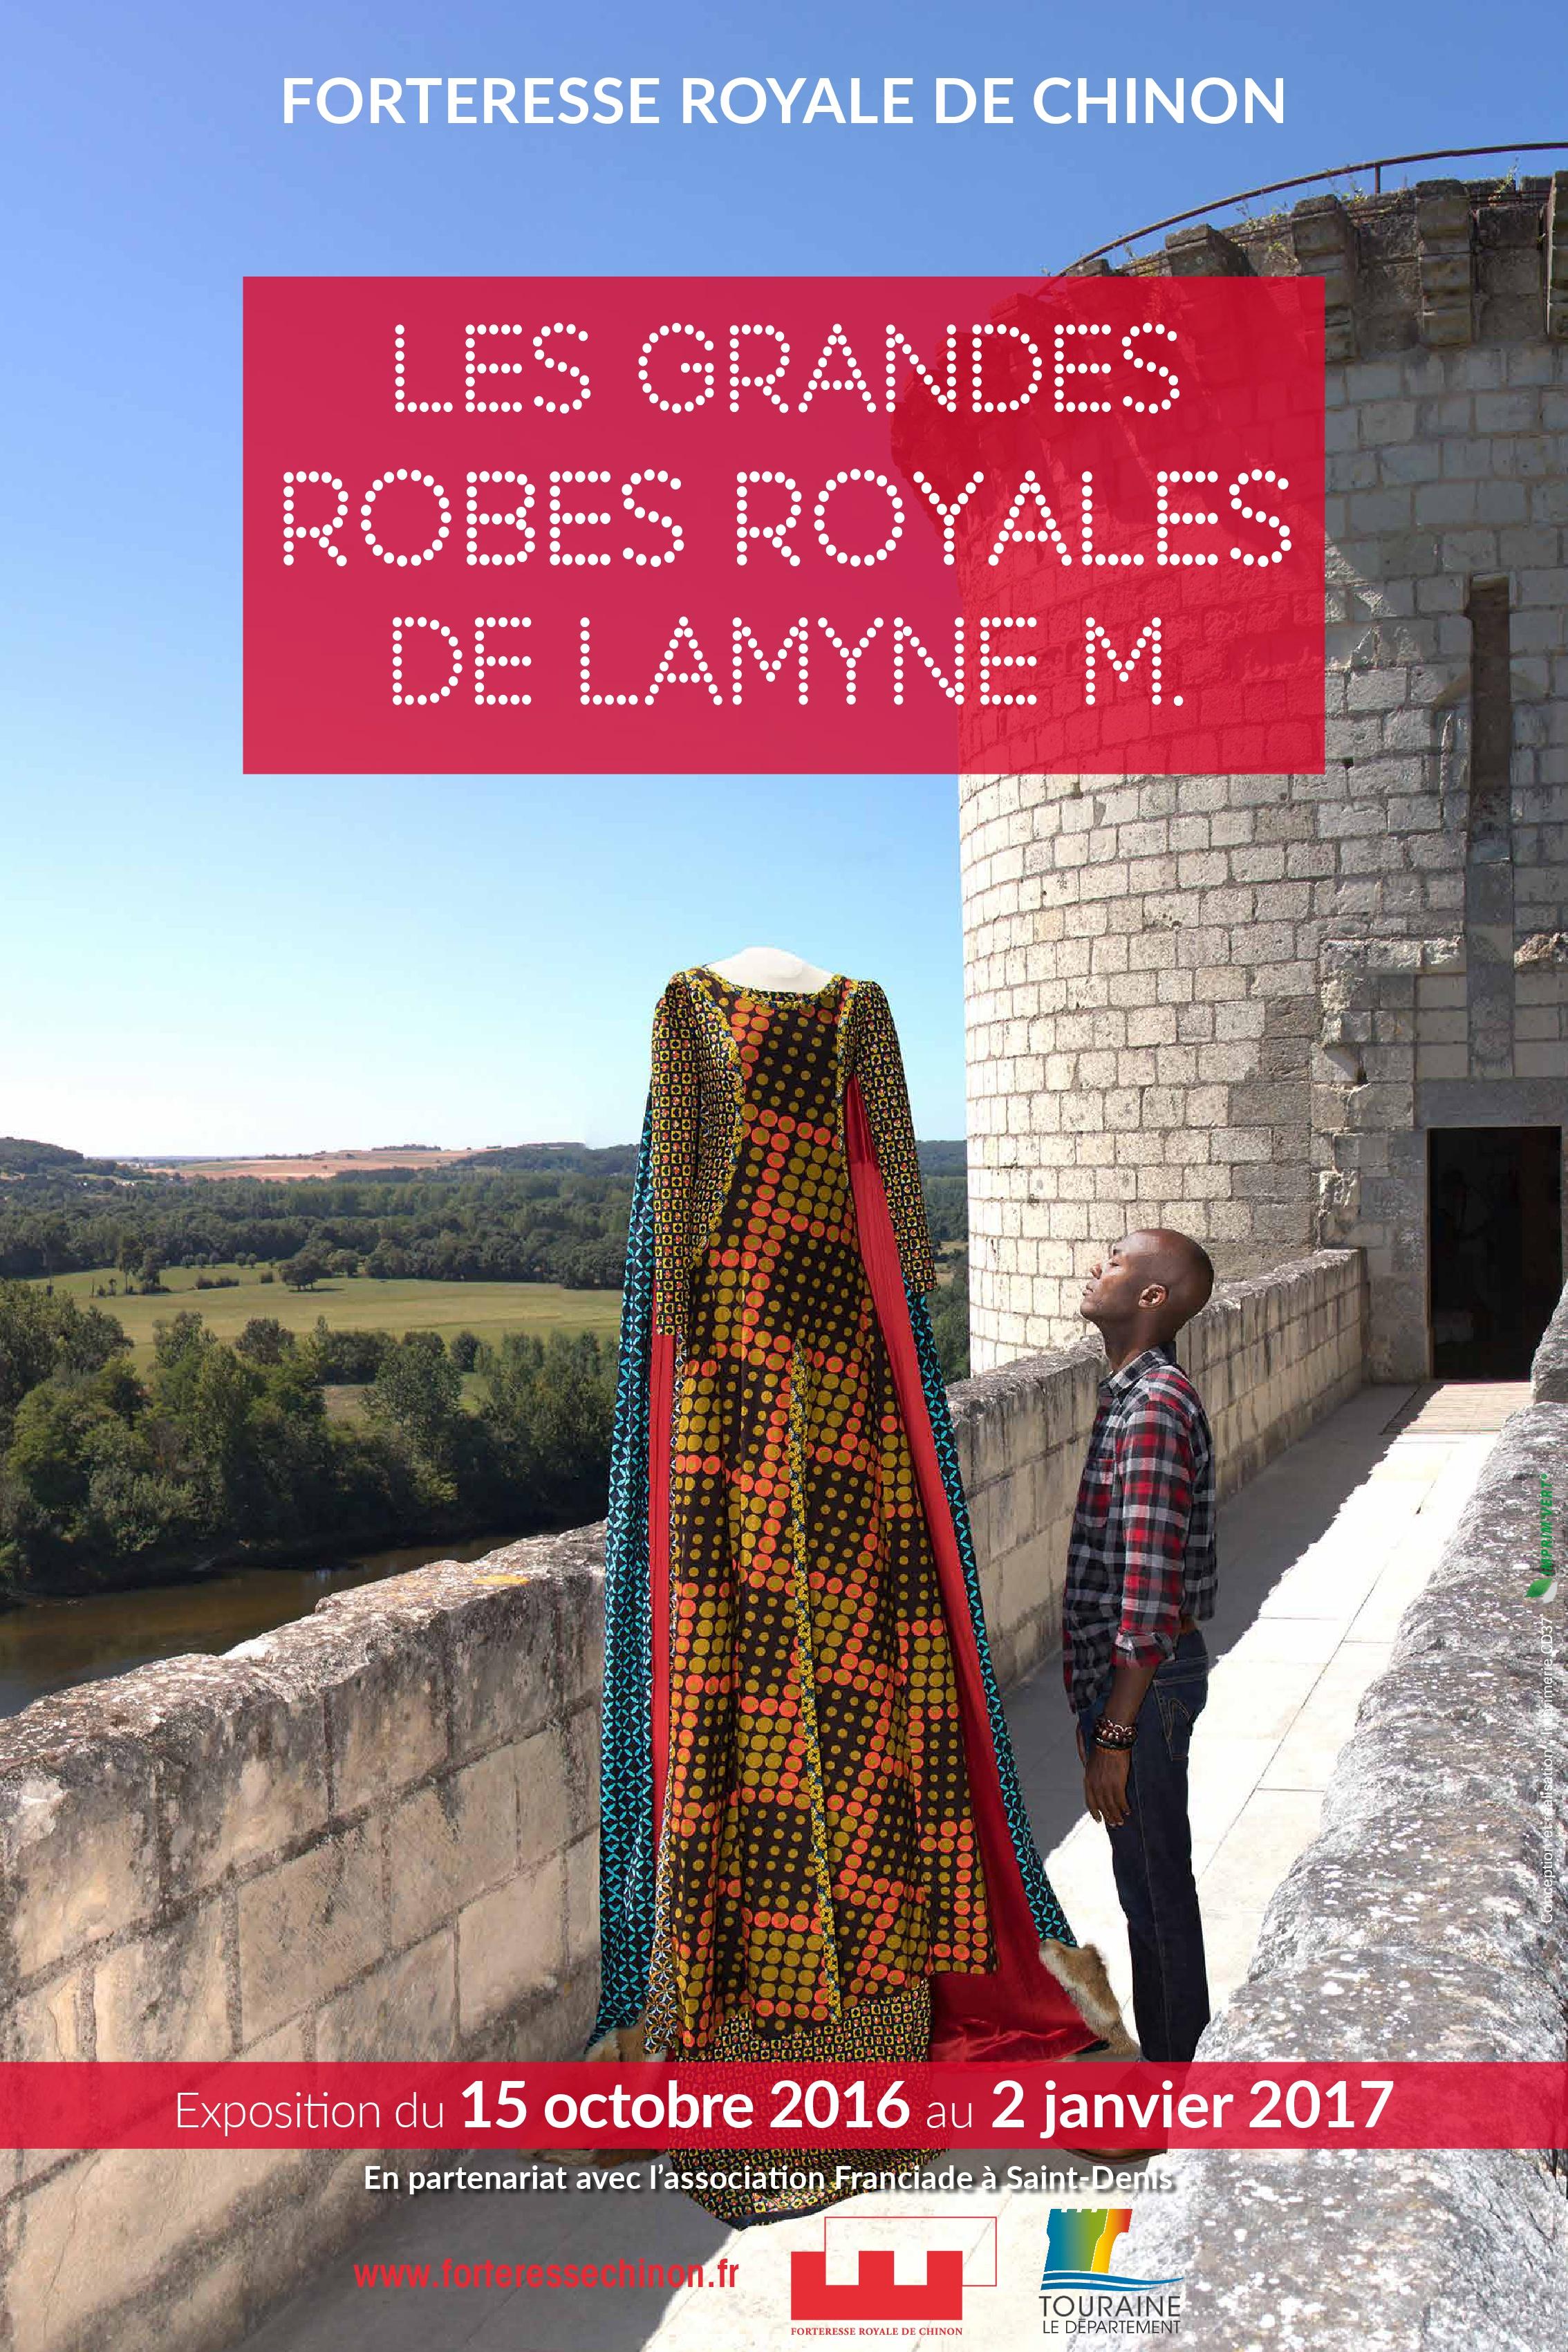 Les Grandes Robes Royale - Forteresse de Chinon